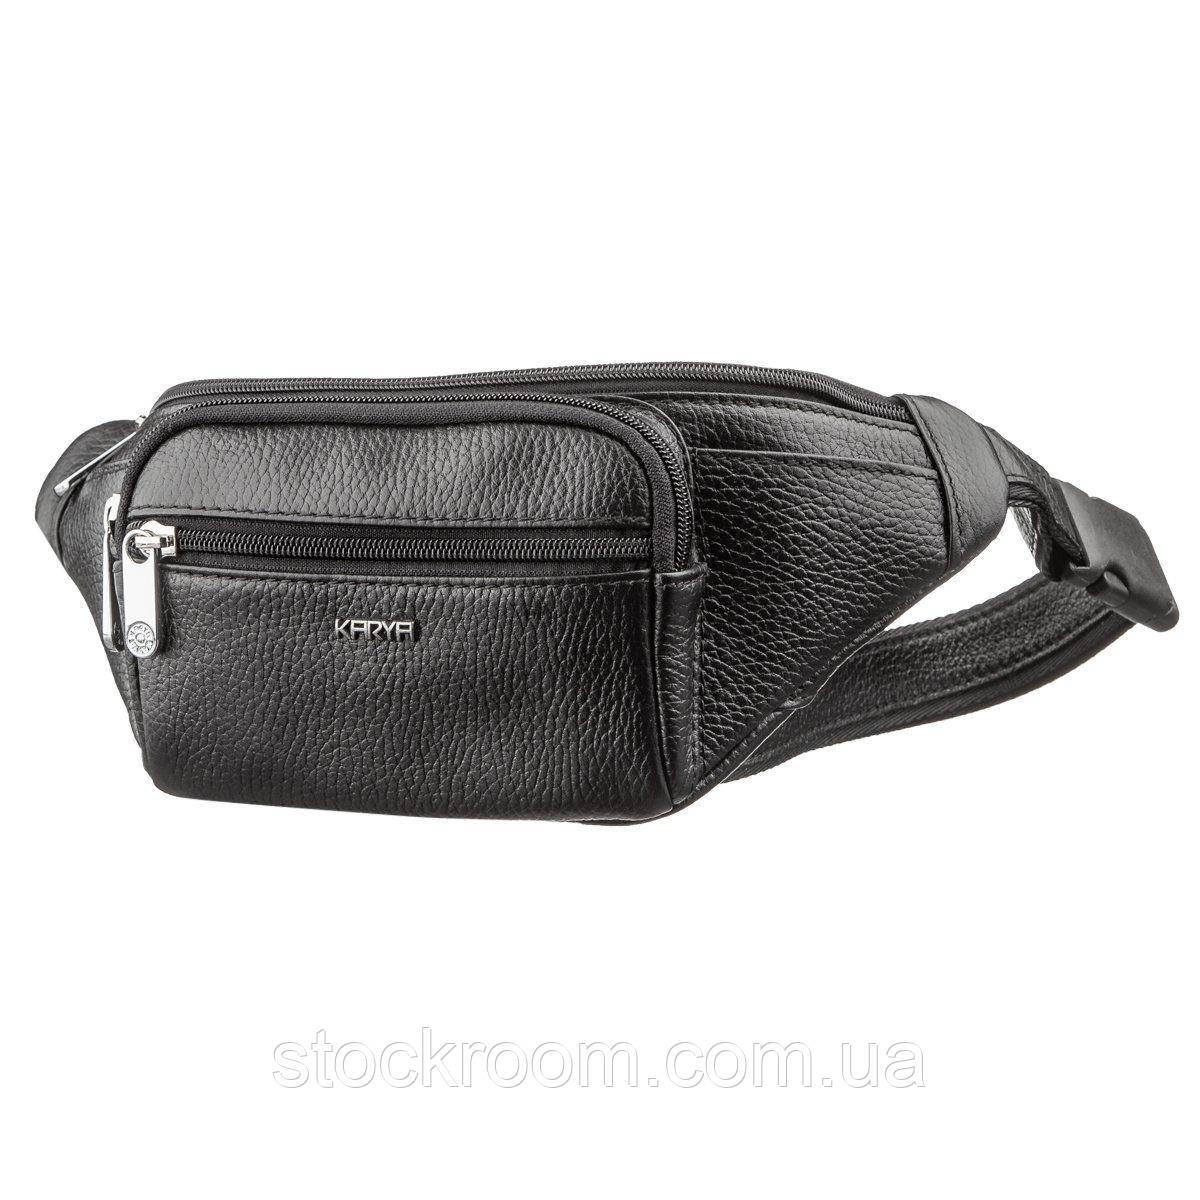 Поясная сумка флотар KARYA 17296 Черная, Черный